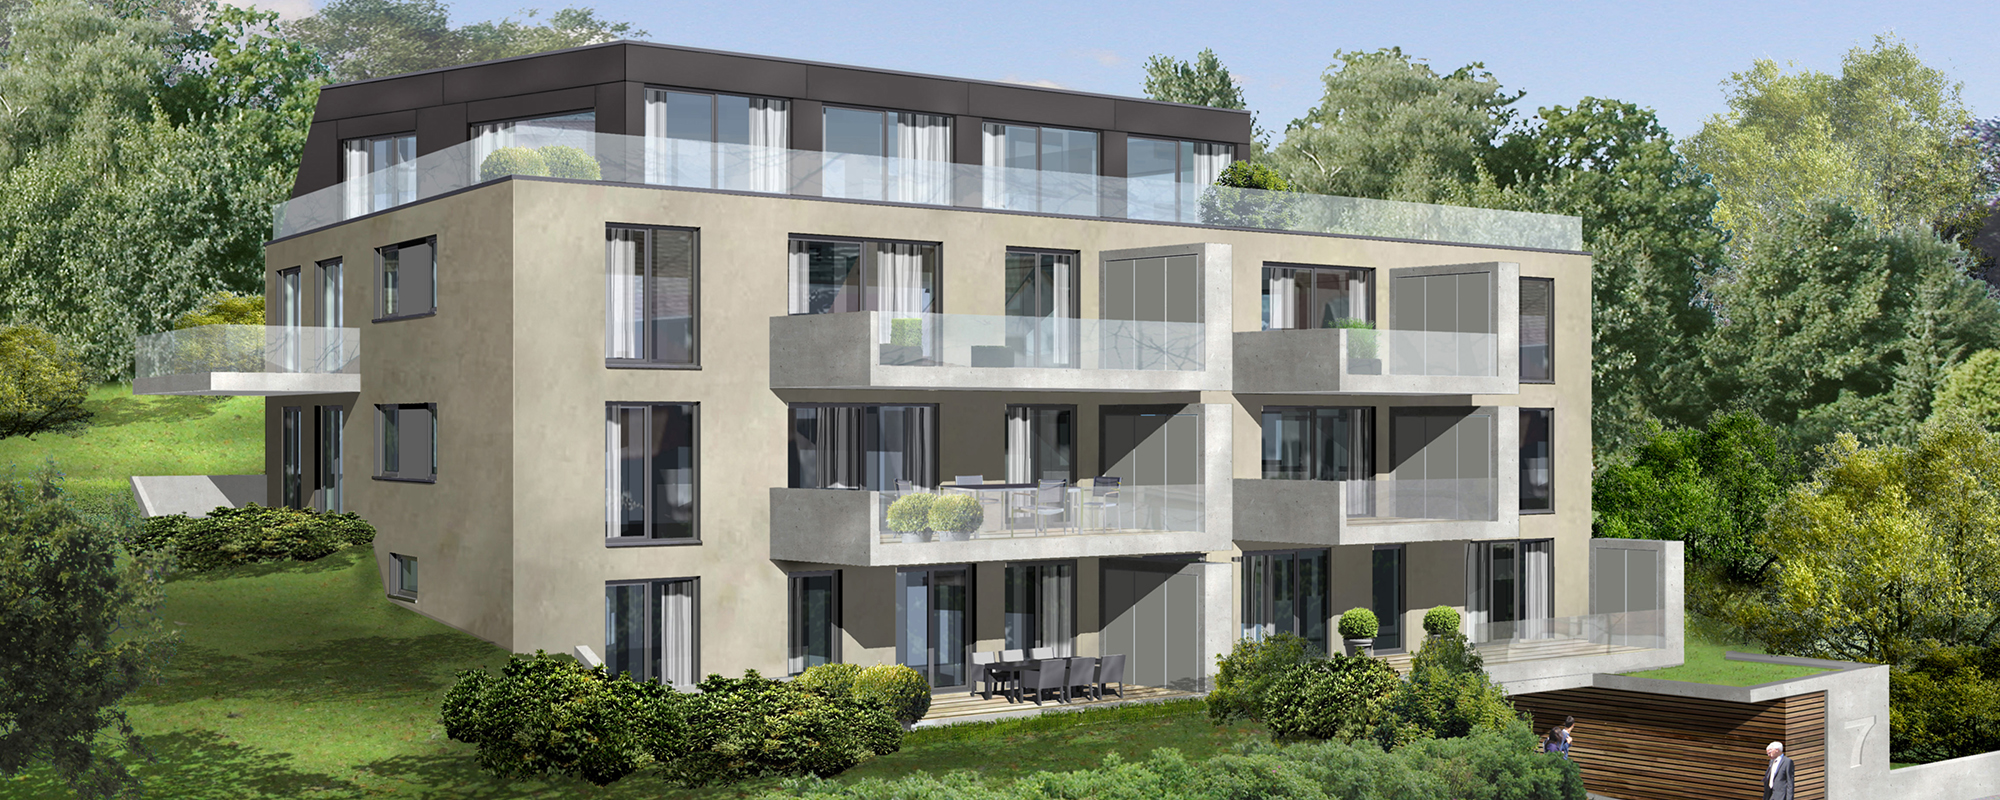 Referenz PlanQuadrat | Ansicht des exklusiven Mehrfamilienhauses in Im Haldenau, Stuttgart